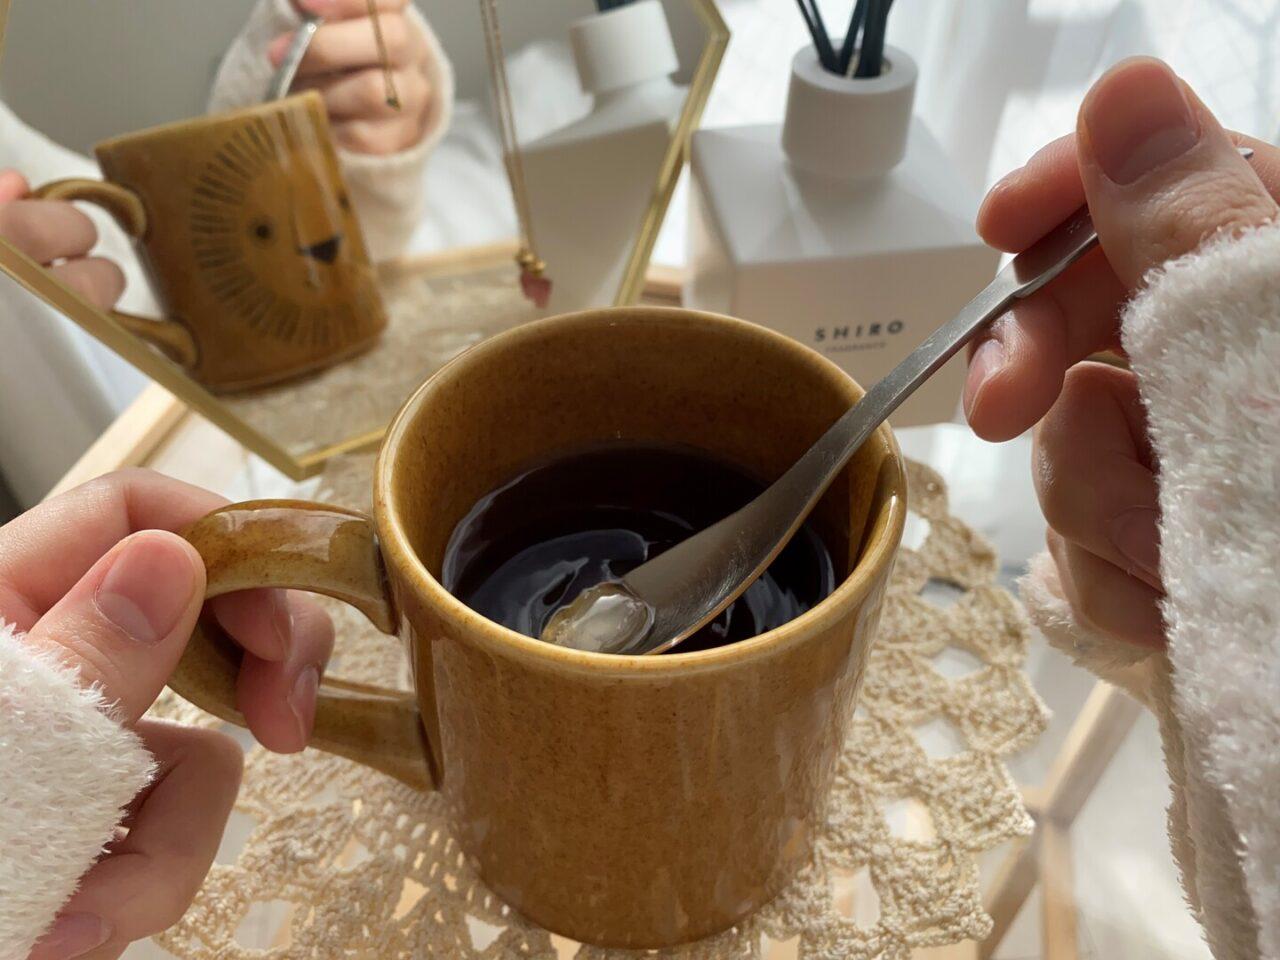 紅茶に氷砂糖のシロップ漬けを入れて飲んでいる様子